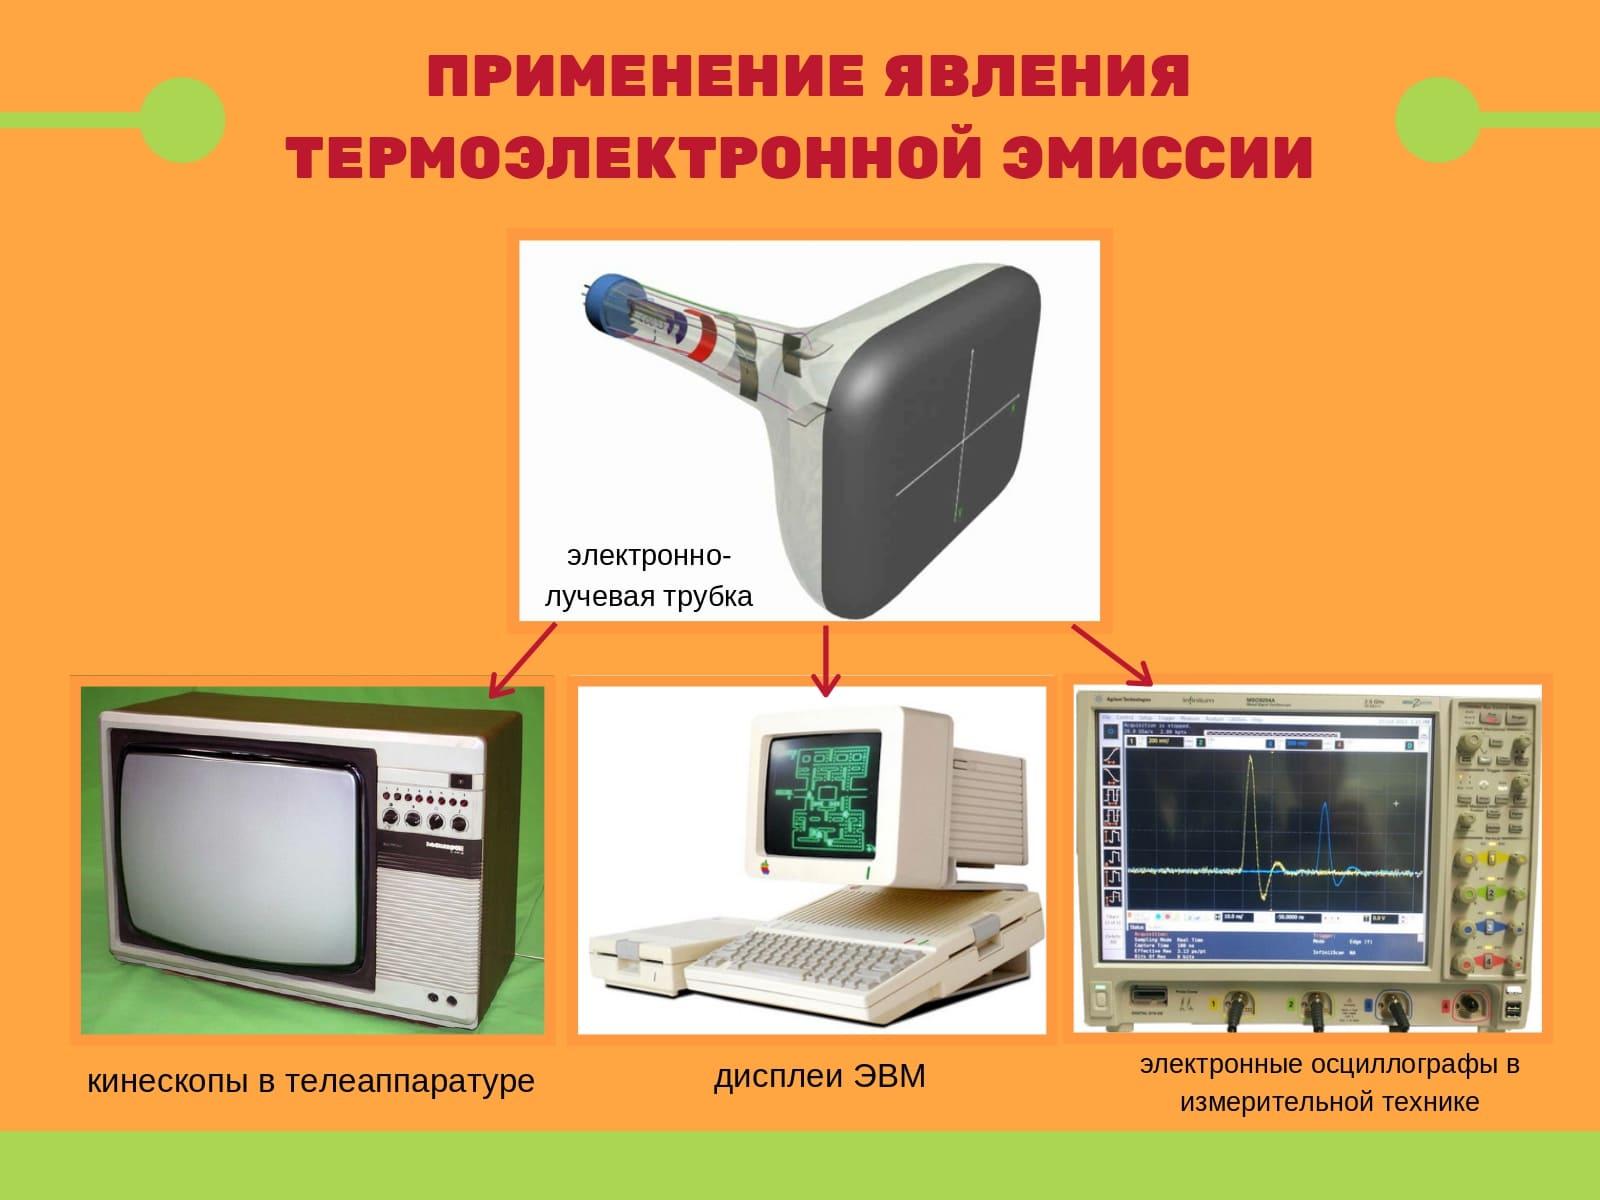 применение явления термоэлектронной эмиссии